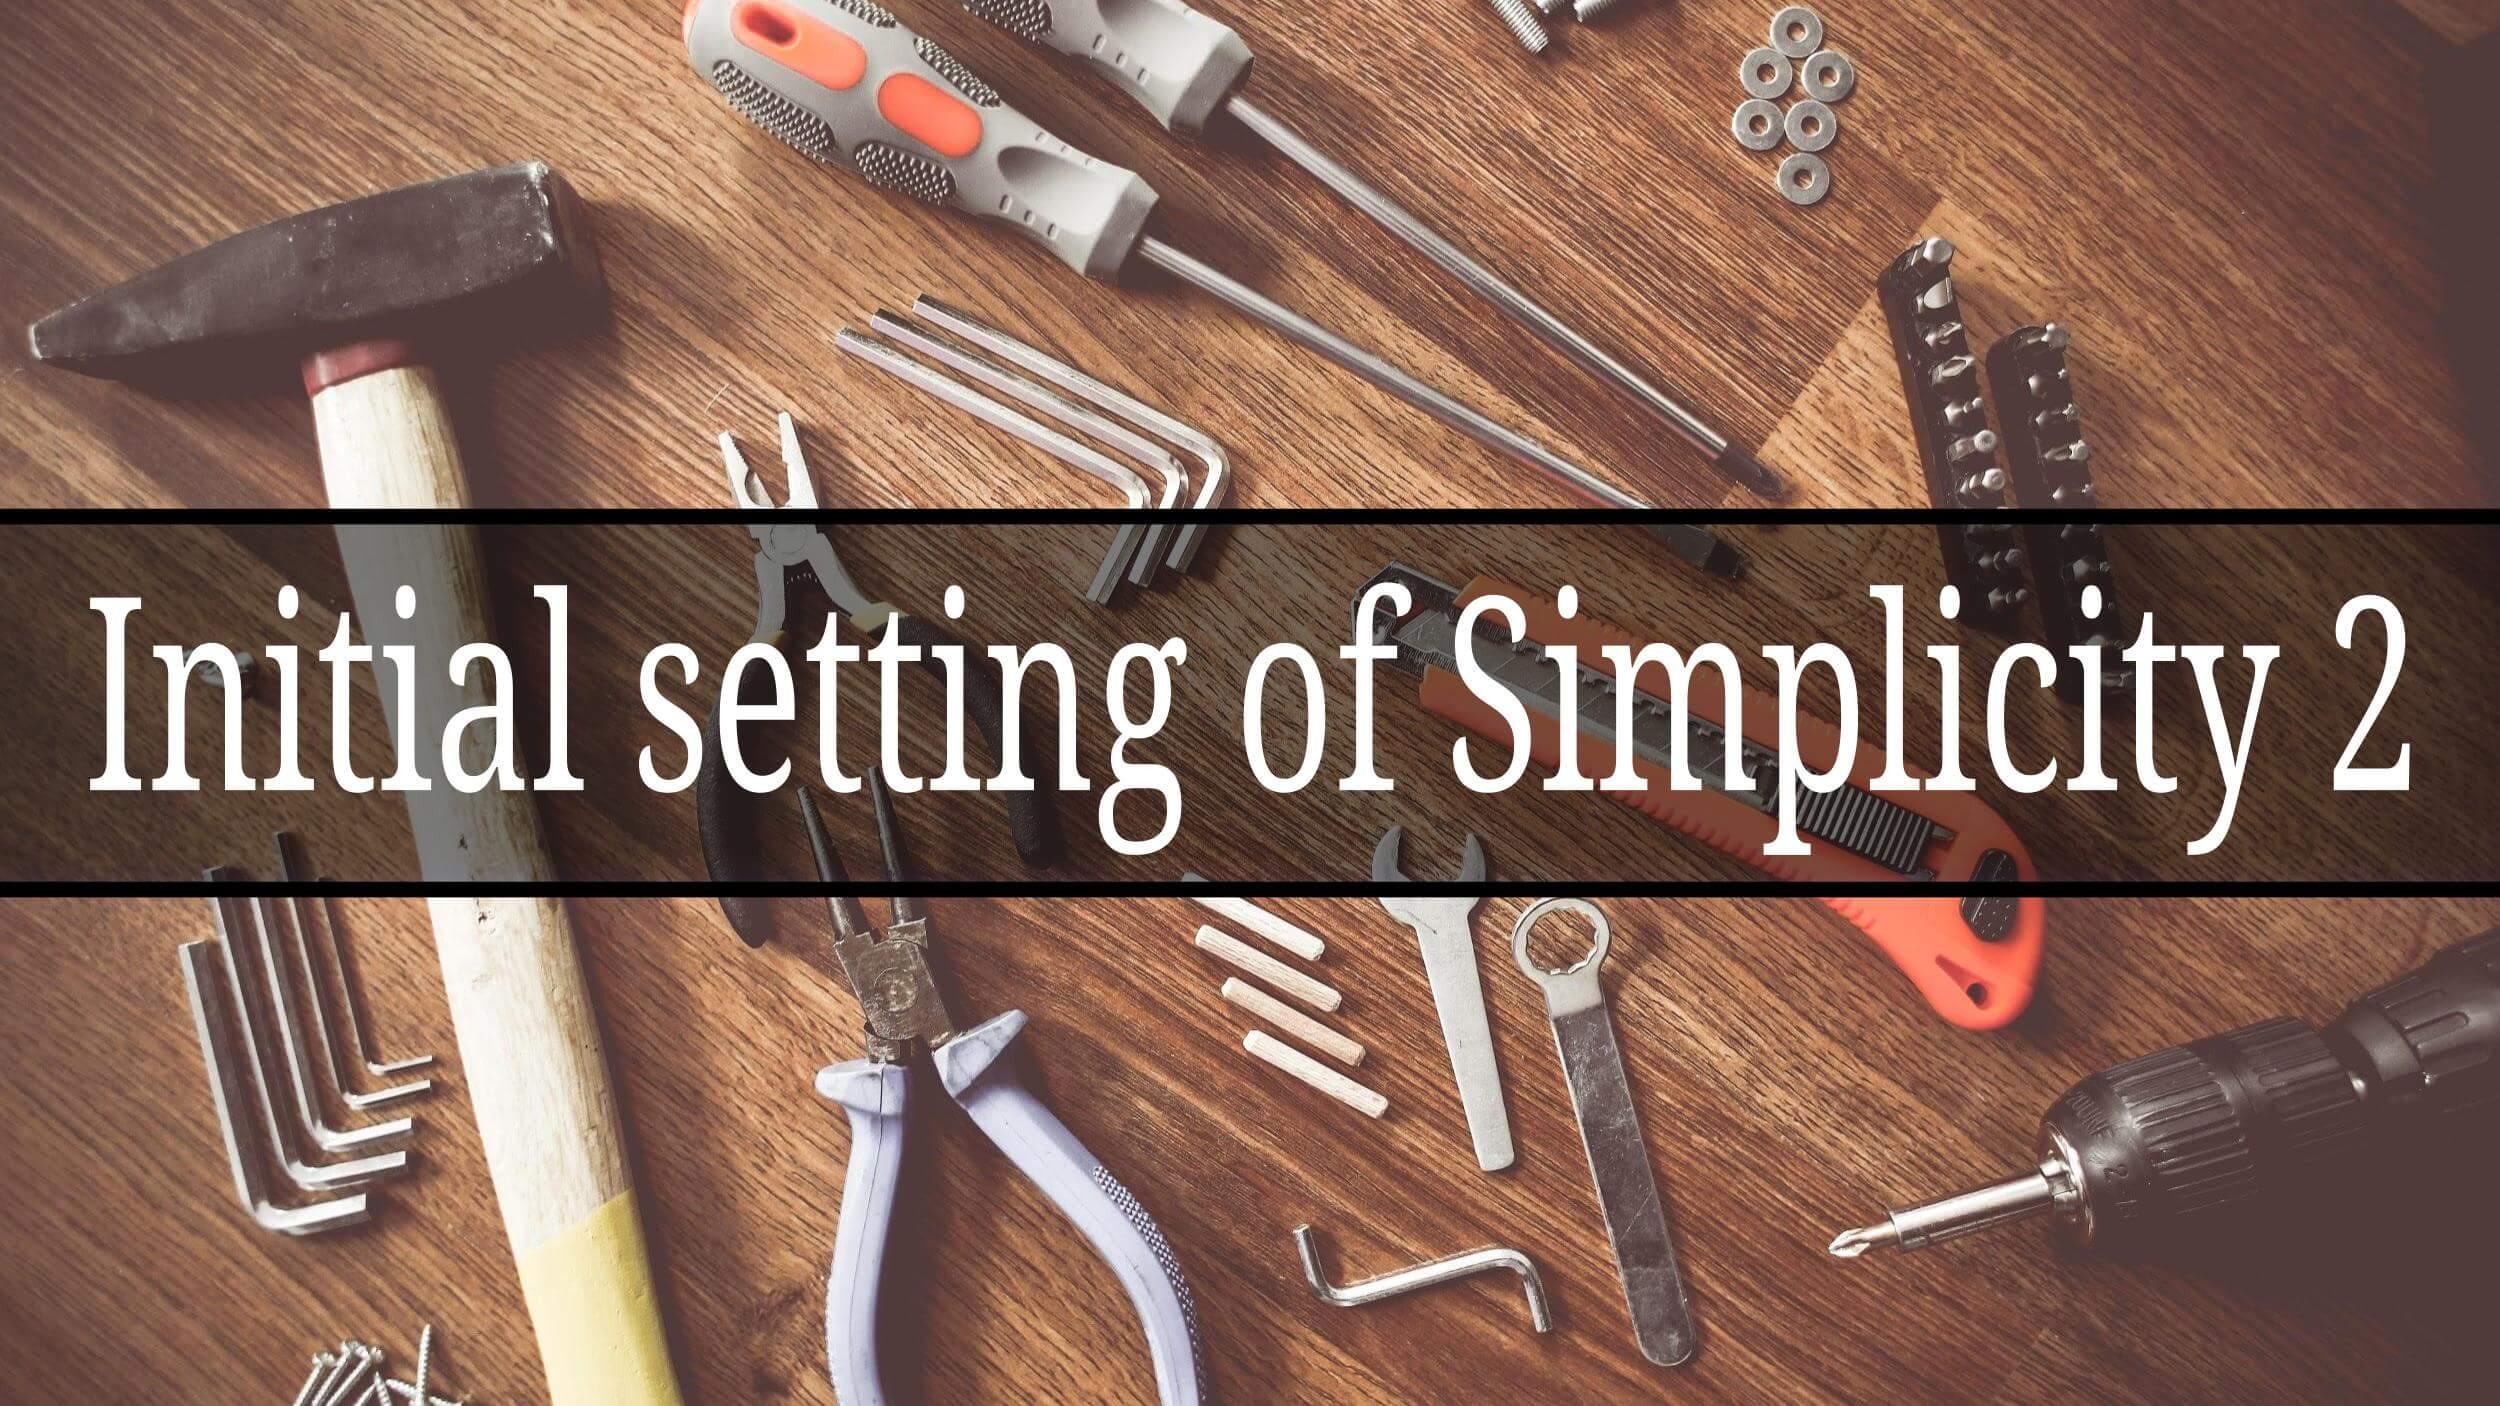 工具「Initial setting of Simplicity 2」